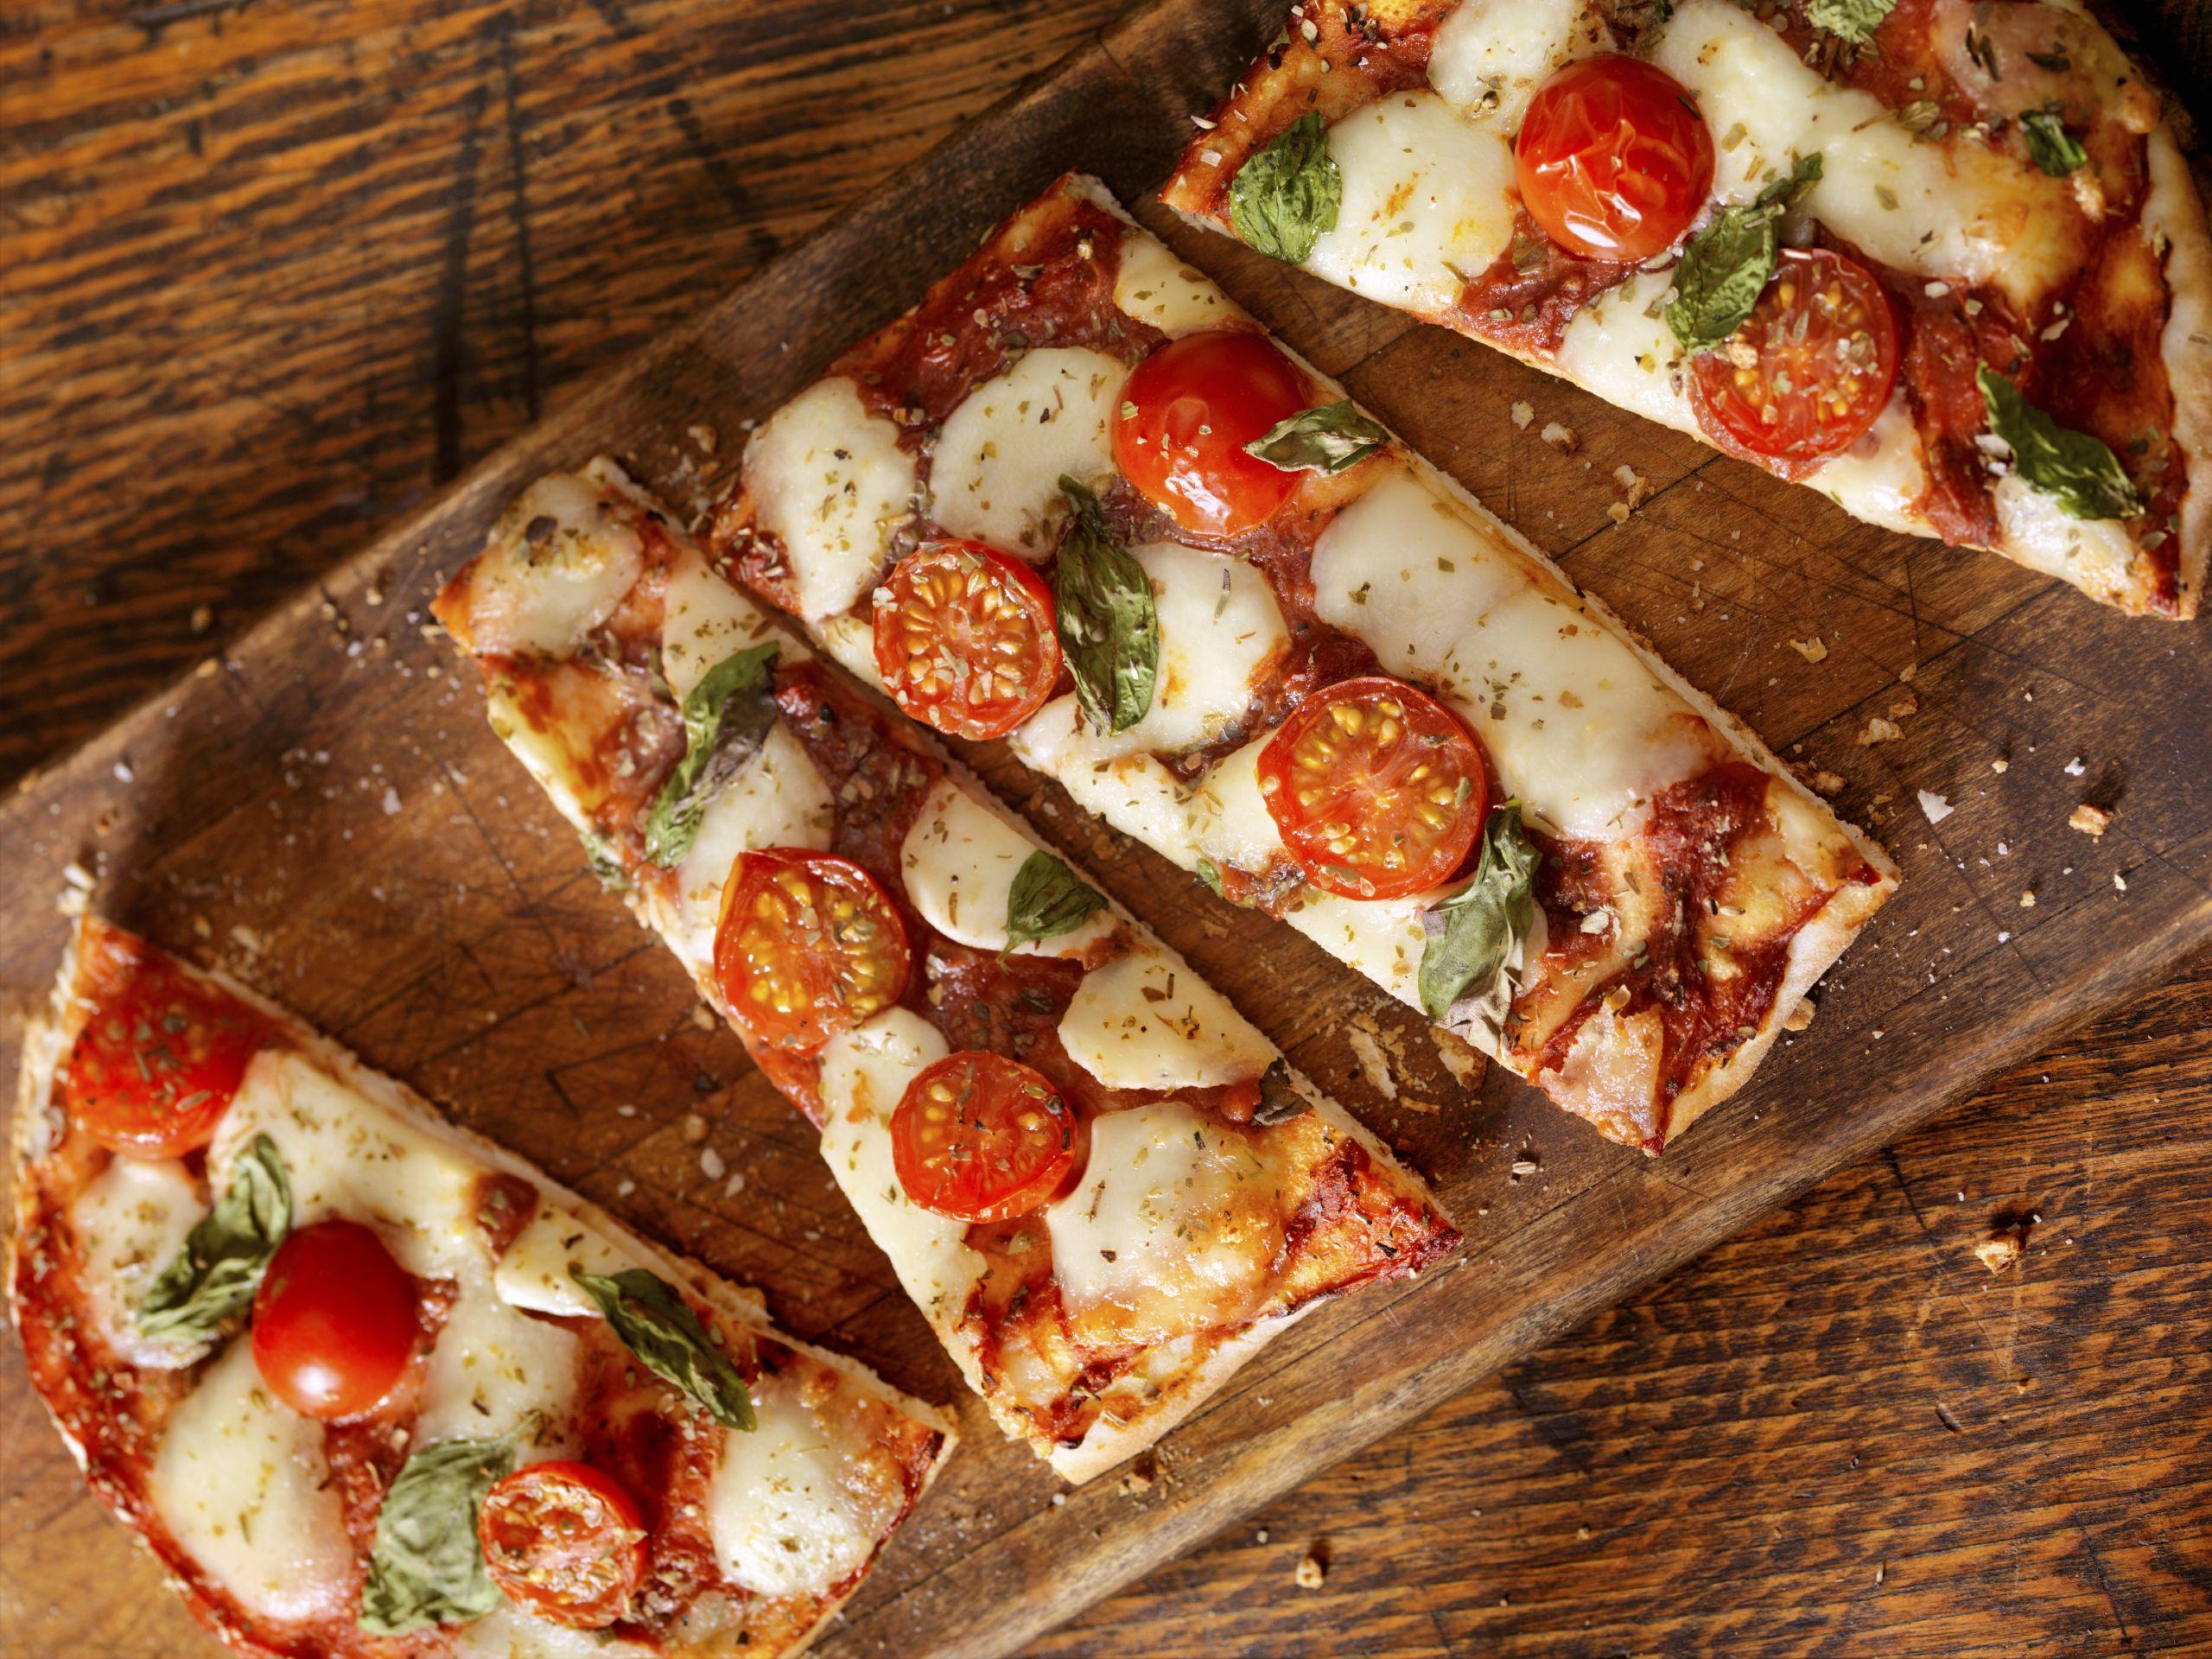 8 Recettes Faciles Que Les Enfants Adorent Recette Pizza Facile Recettes De Cuisine Recette Facile